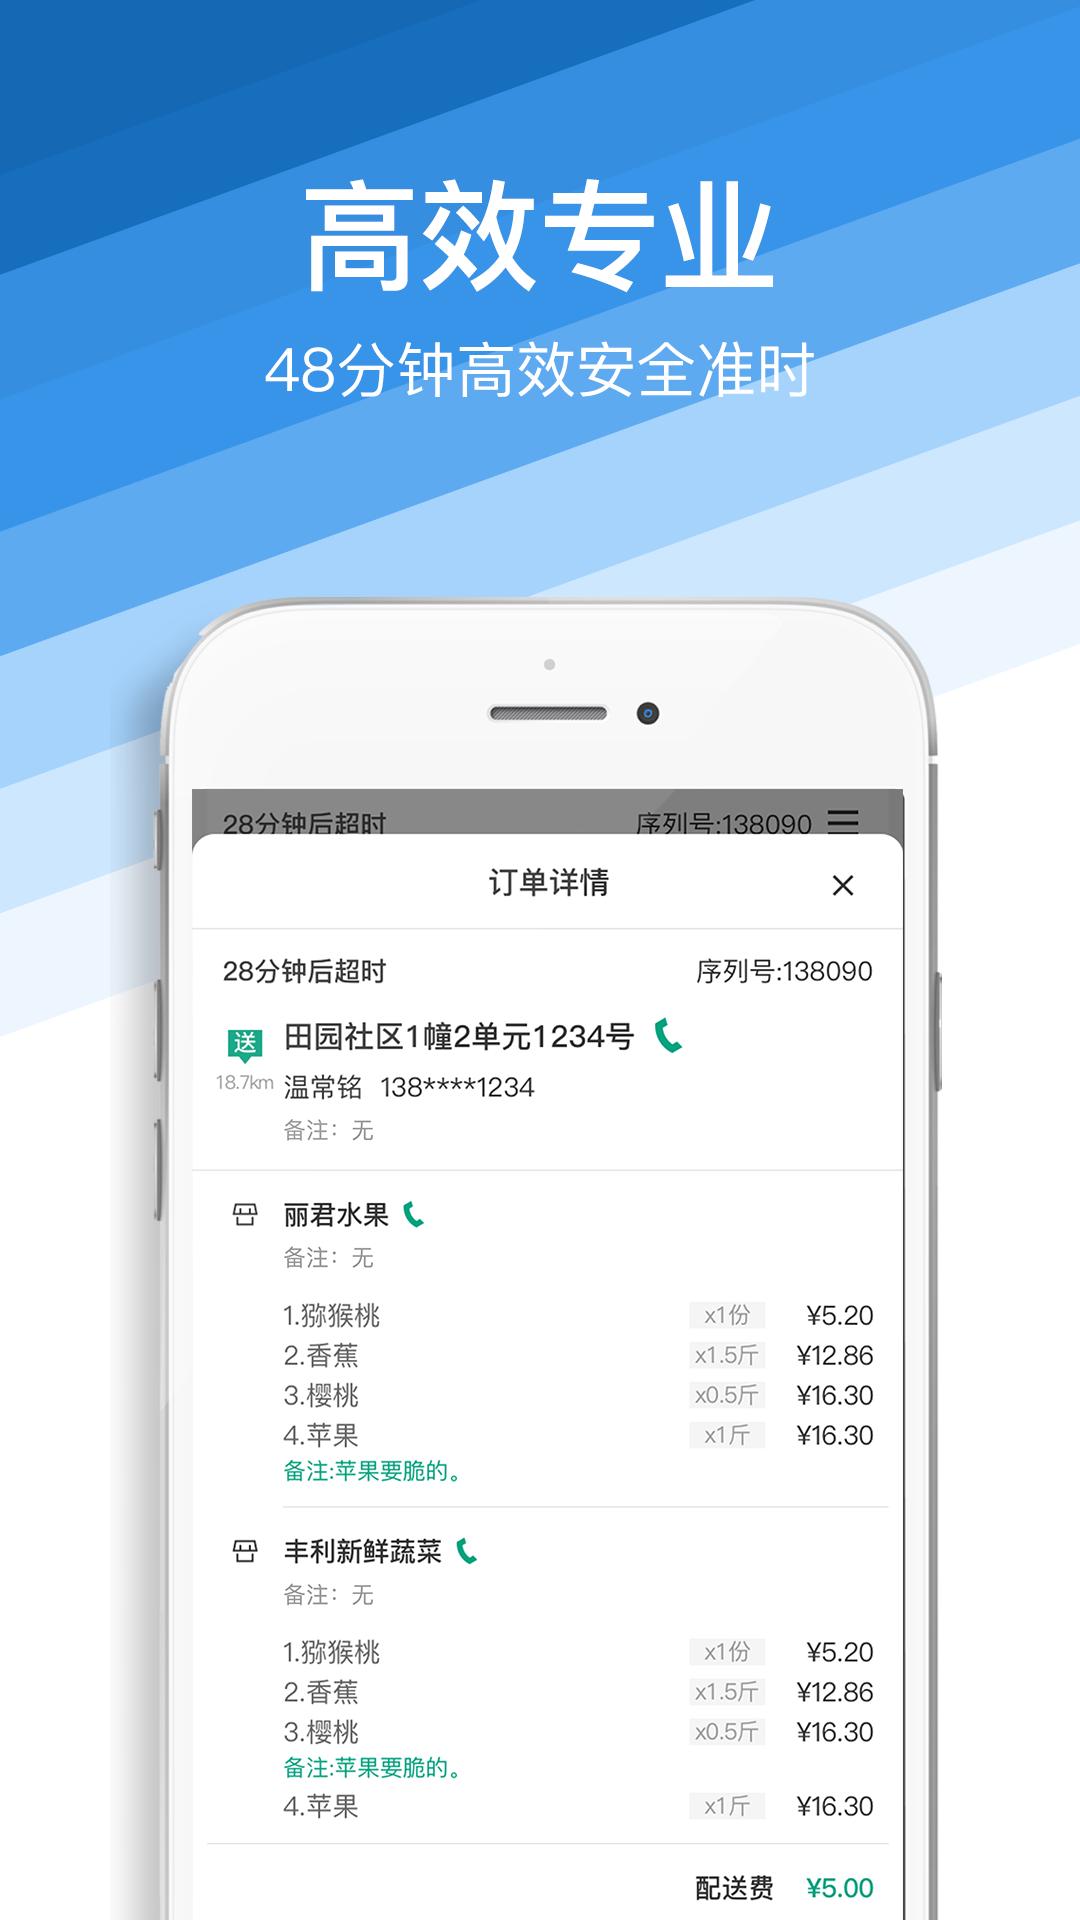 蒋村花园骑手端 V1.1.0 安卓版截图3